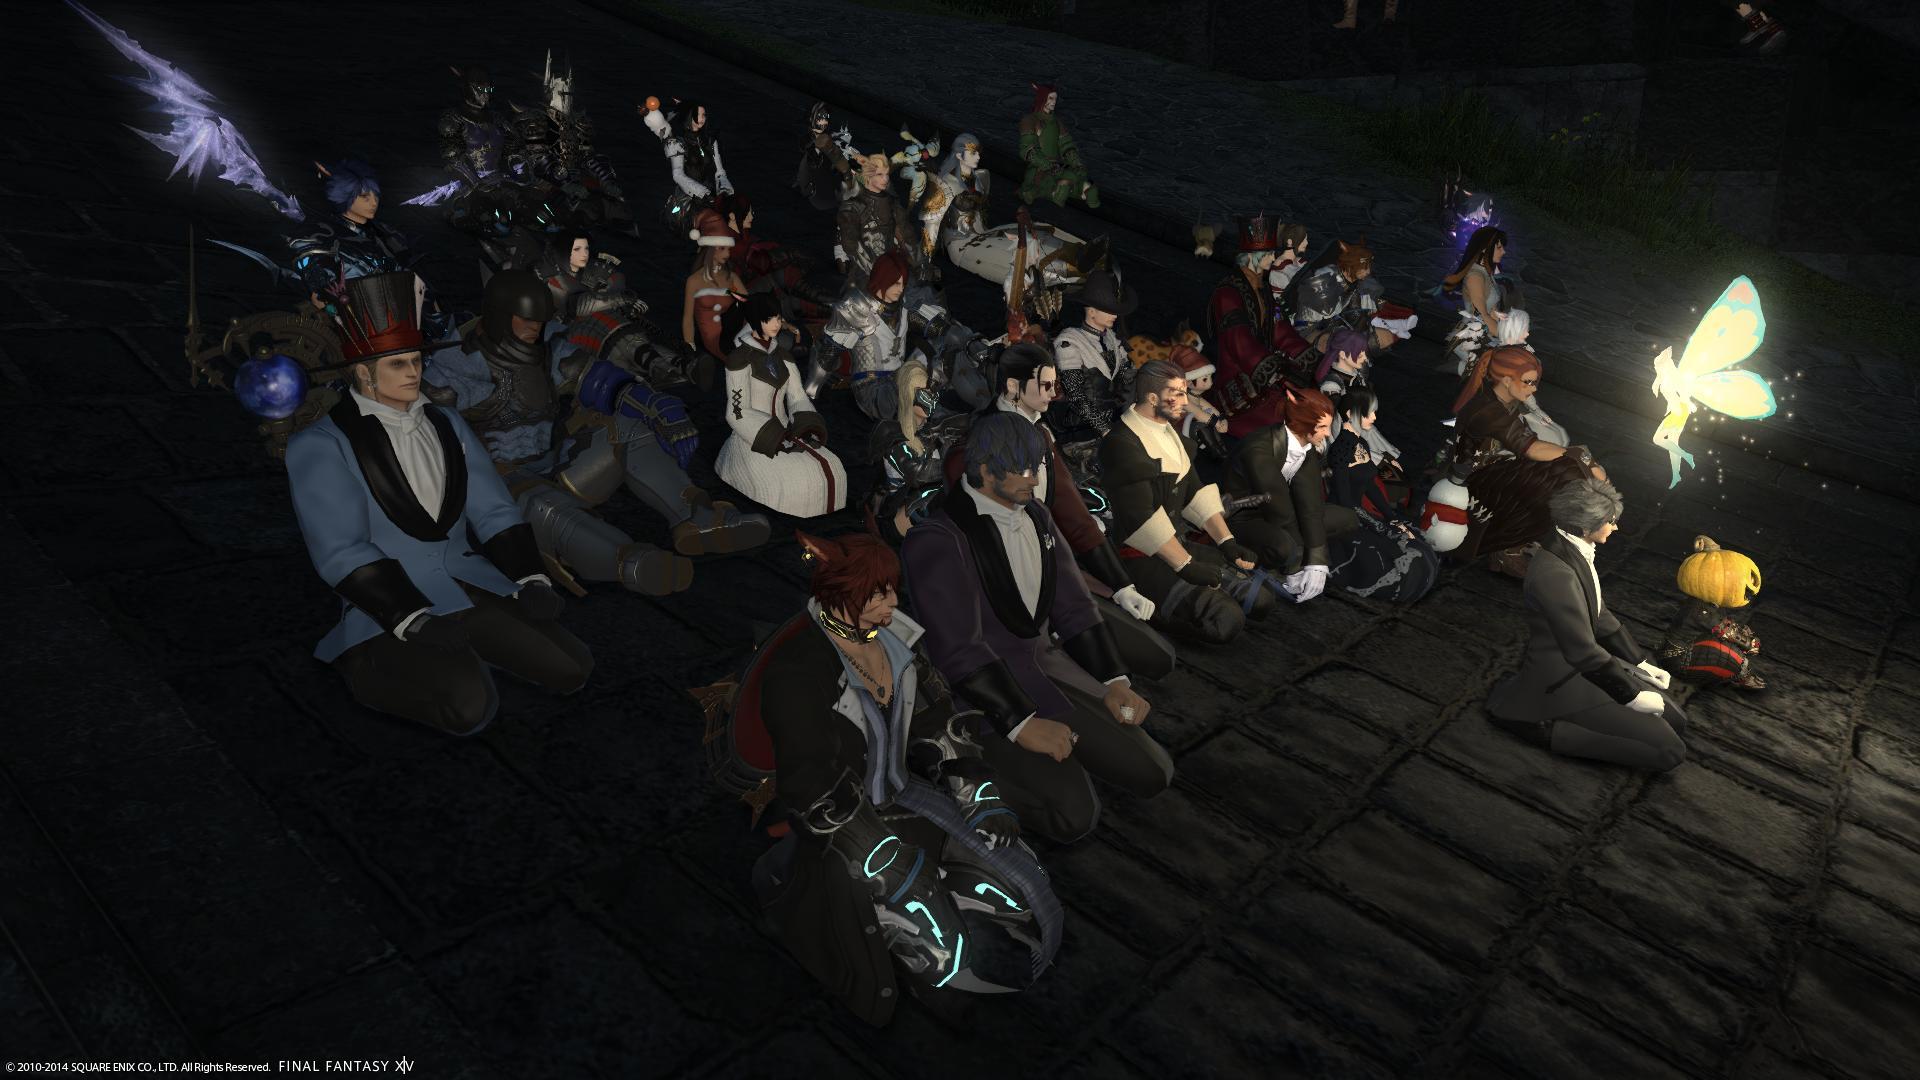 Final Fantasy XIV: Trauerfeier für sterbenden Spieler wird ans Totenbett gestreamt